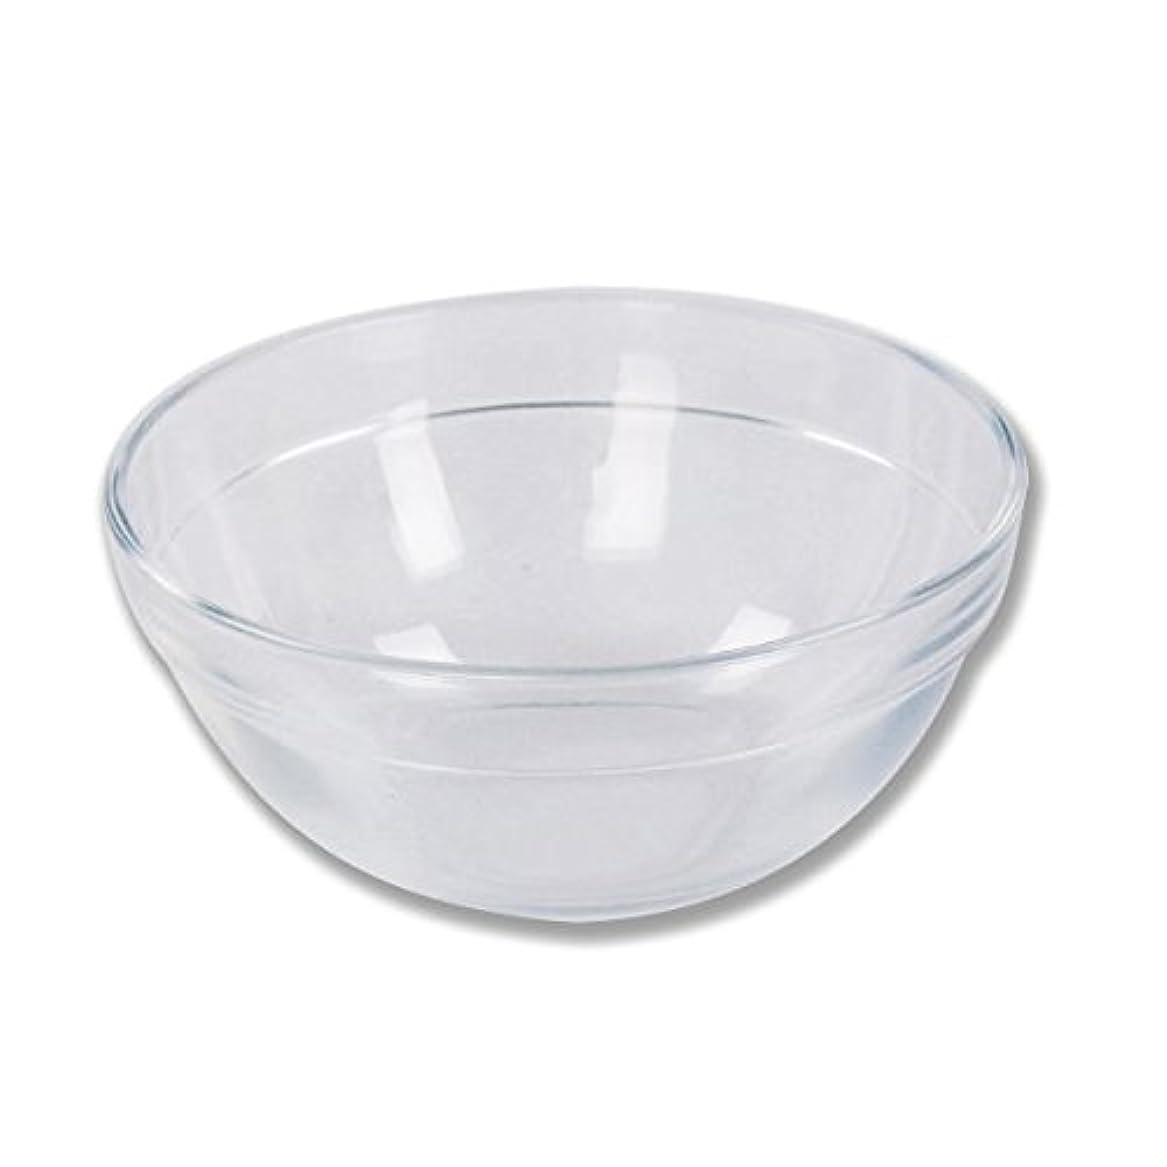 エジプトハムプットガラスボウル (SSサイズ) [ ガラスボール カップボウル カップボール エステ サロン ガラス ボウル カップ 高級感 ]